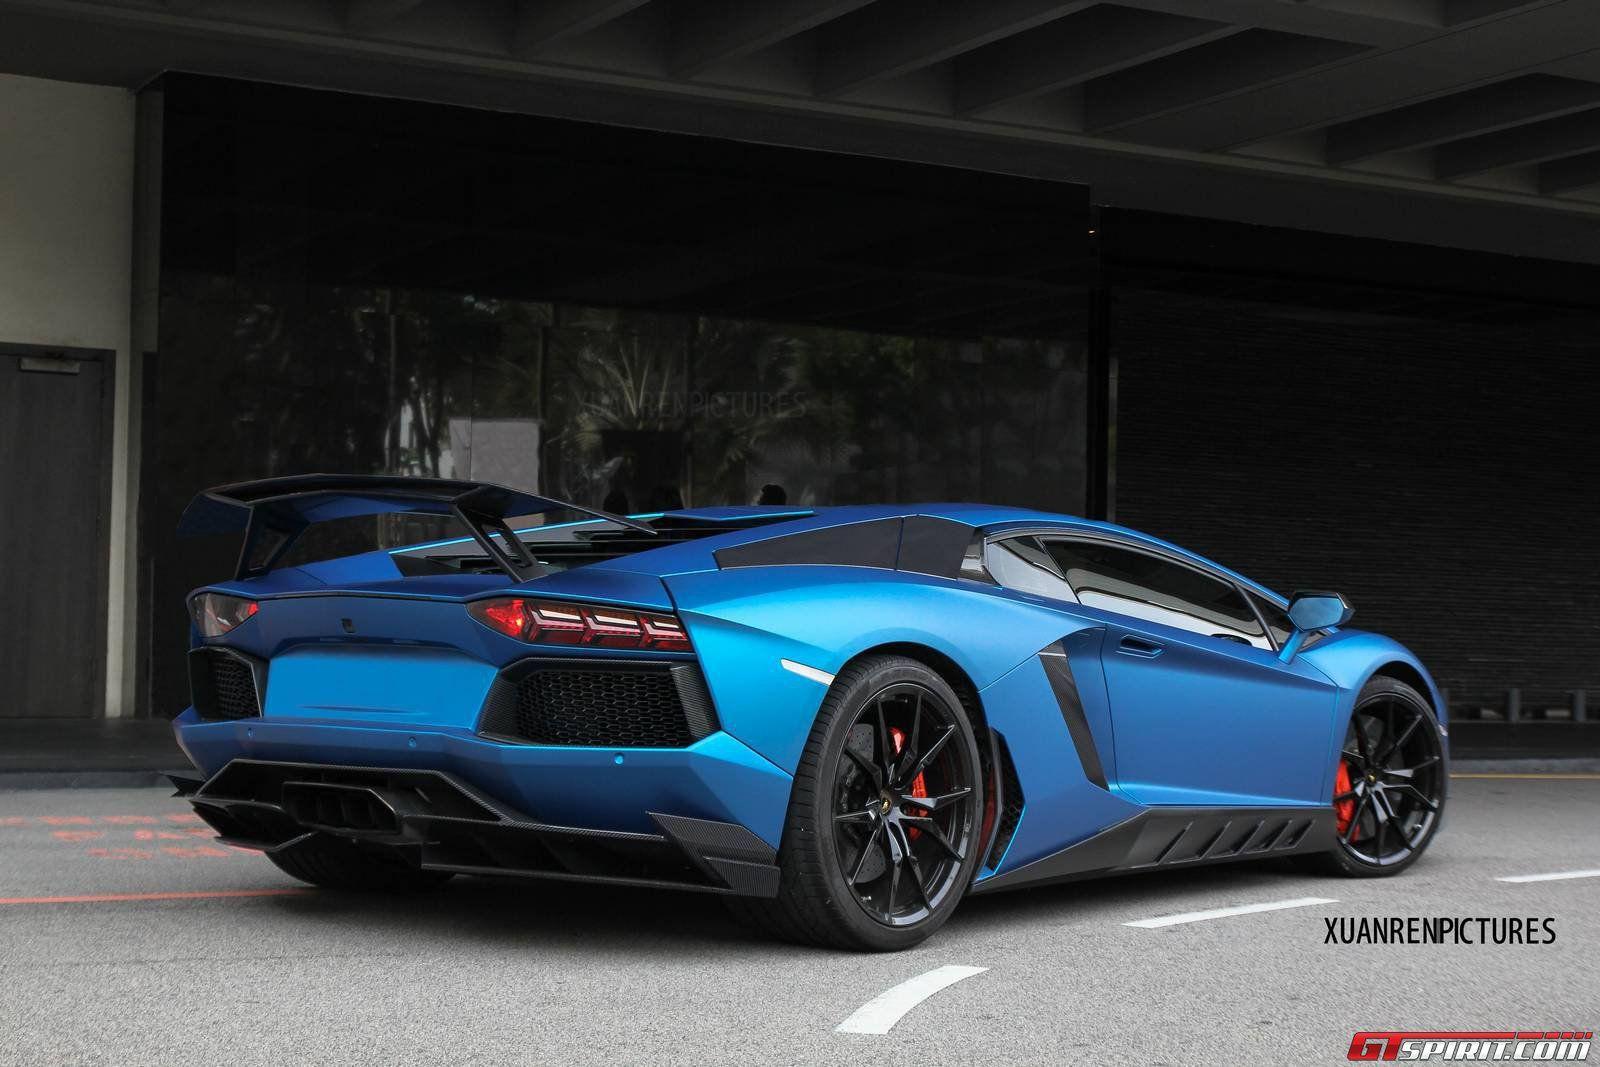 Superb Http://gtspirit.com/wp Content/gallery/novitec Torado/novitec Torado  Lamborghini Aventador 6